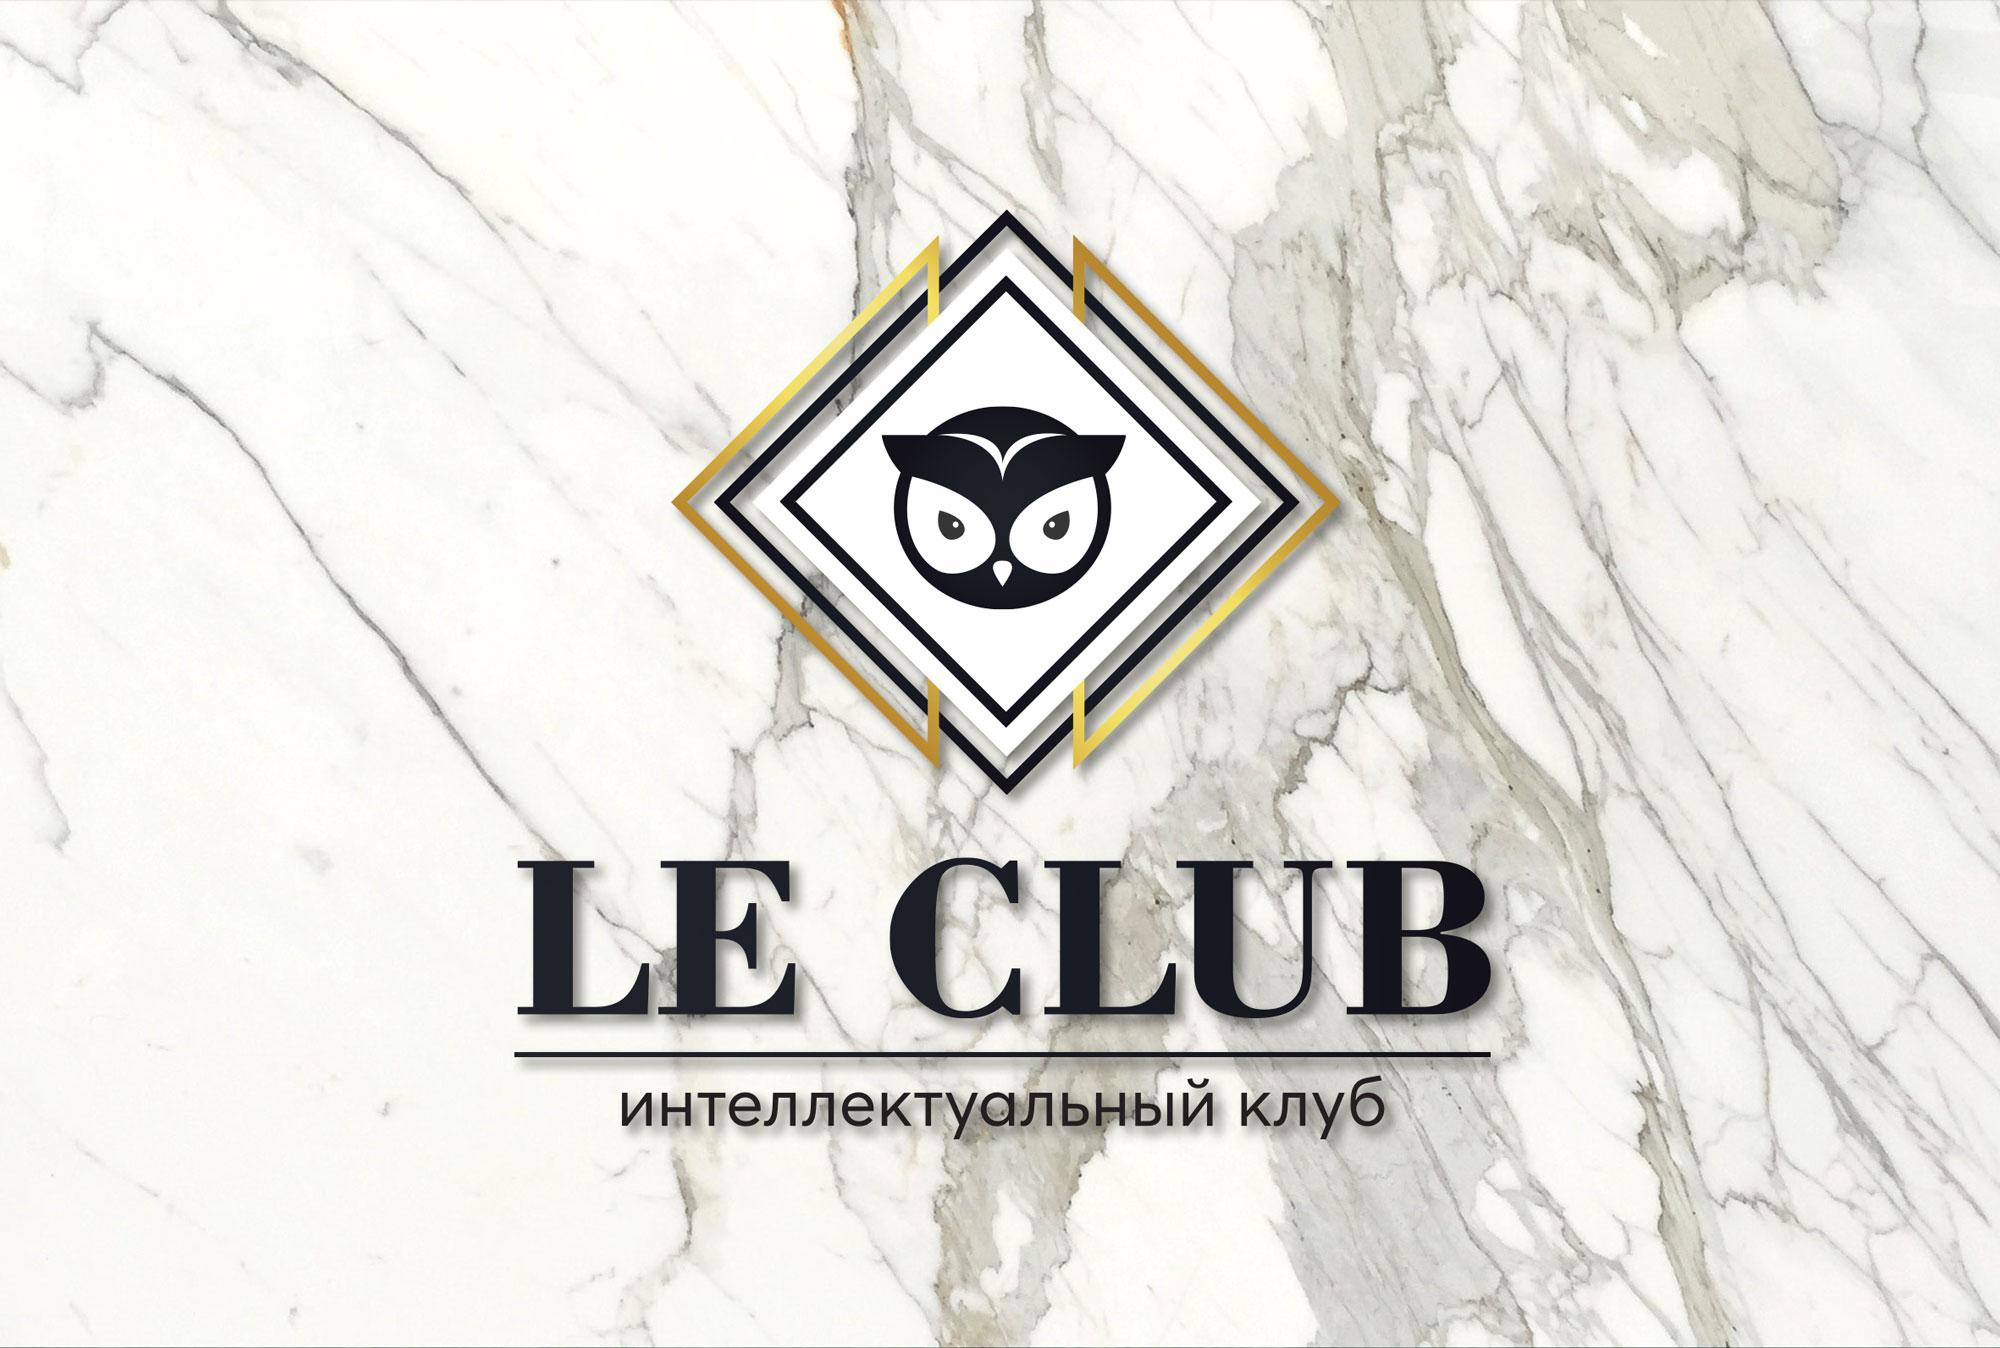 Разработка логотипа фото f_7455b3f0dcc10b89.jpg